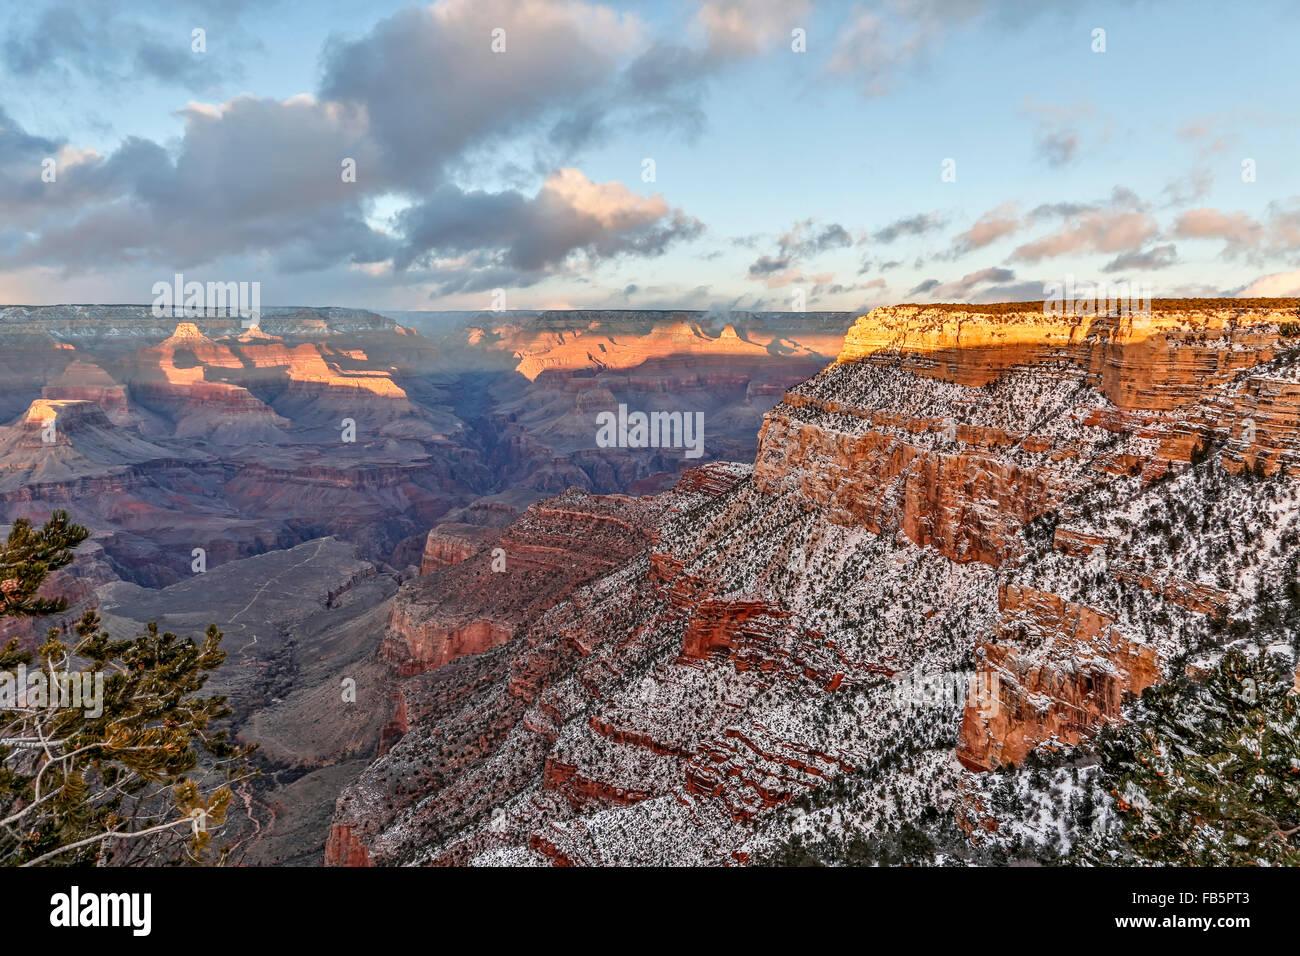 Cubiertas de nieve, riscos y cañones, desde RIM Trail en el Village, el Parque Nacional del Gran Cañón, Imagen De Stock